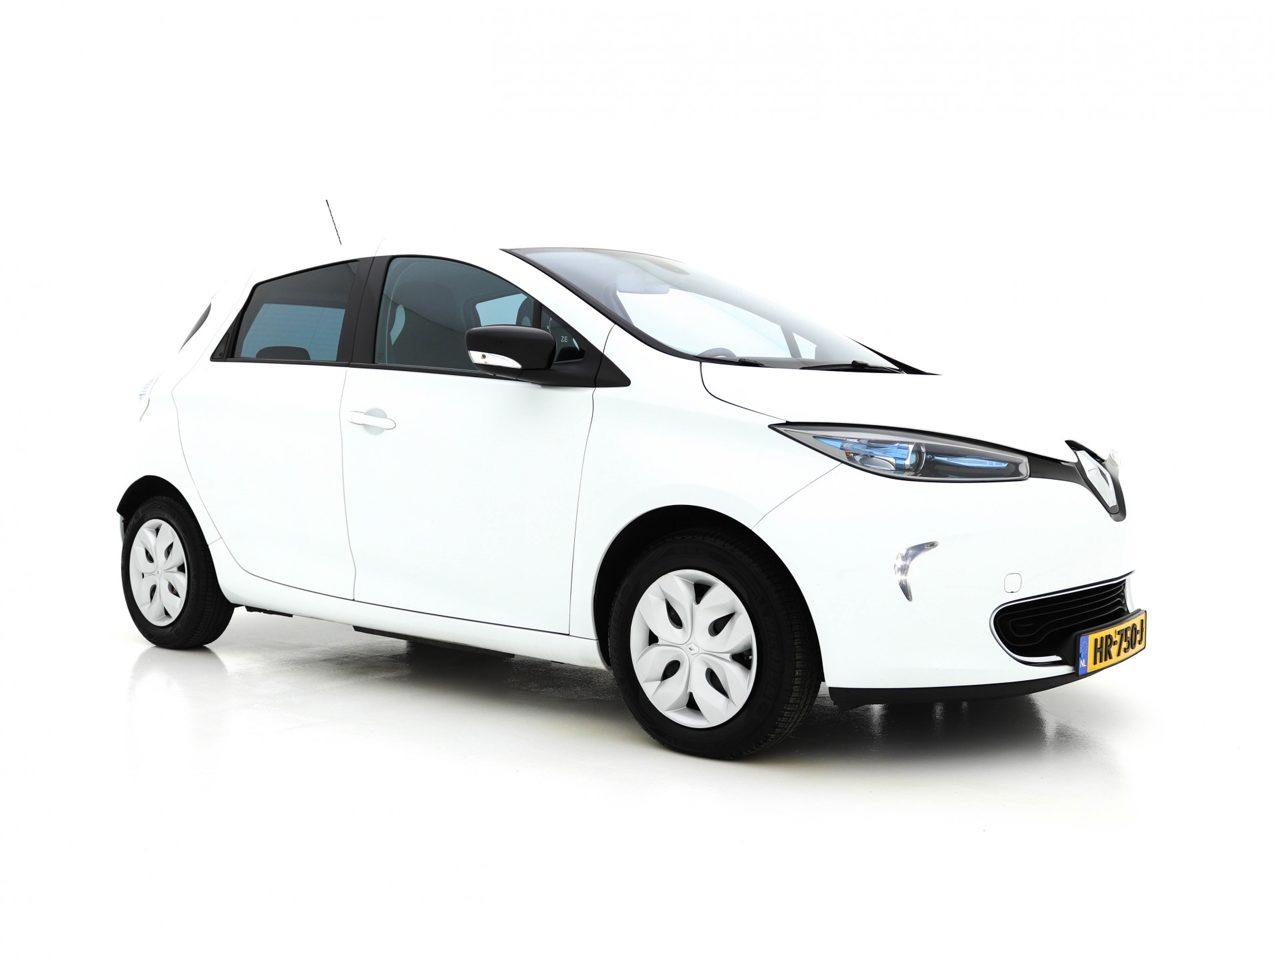 RenaultZoe - Q210 Zen Quickcharge 22 kWh Aut (LEASE ACCU) (EXCL-BTW) *LED+NAVI+ECC+PDC